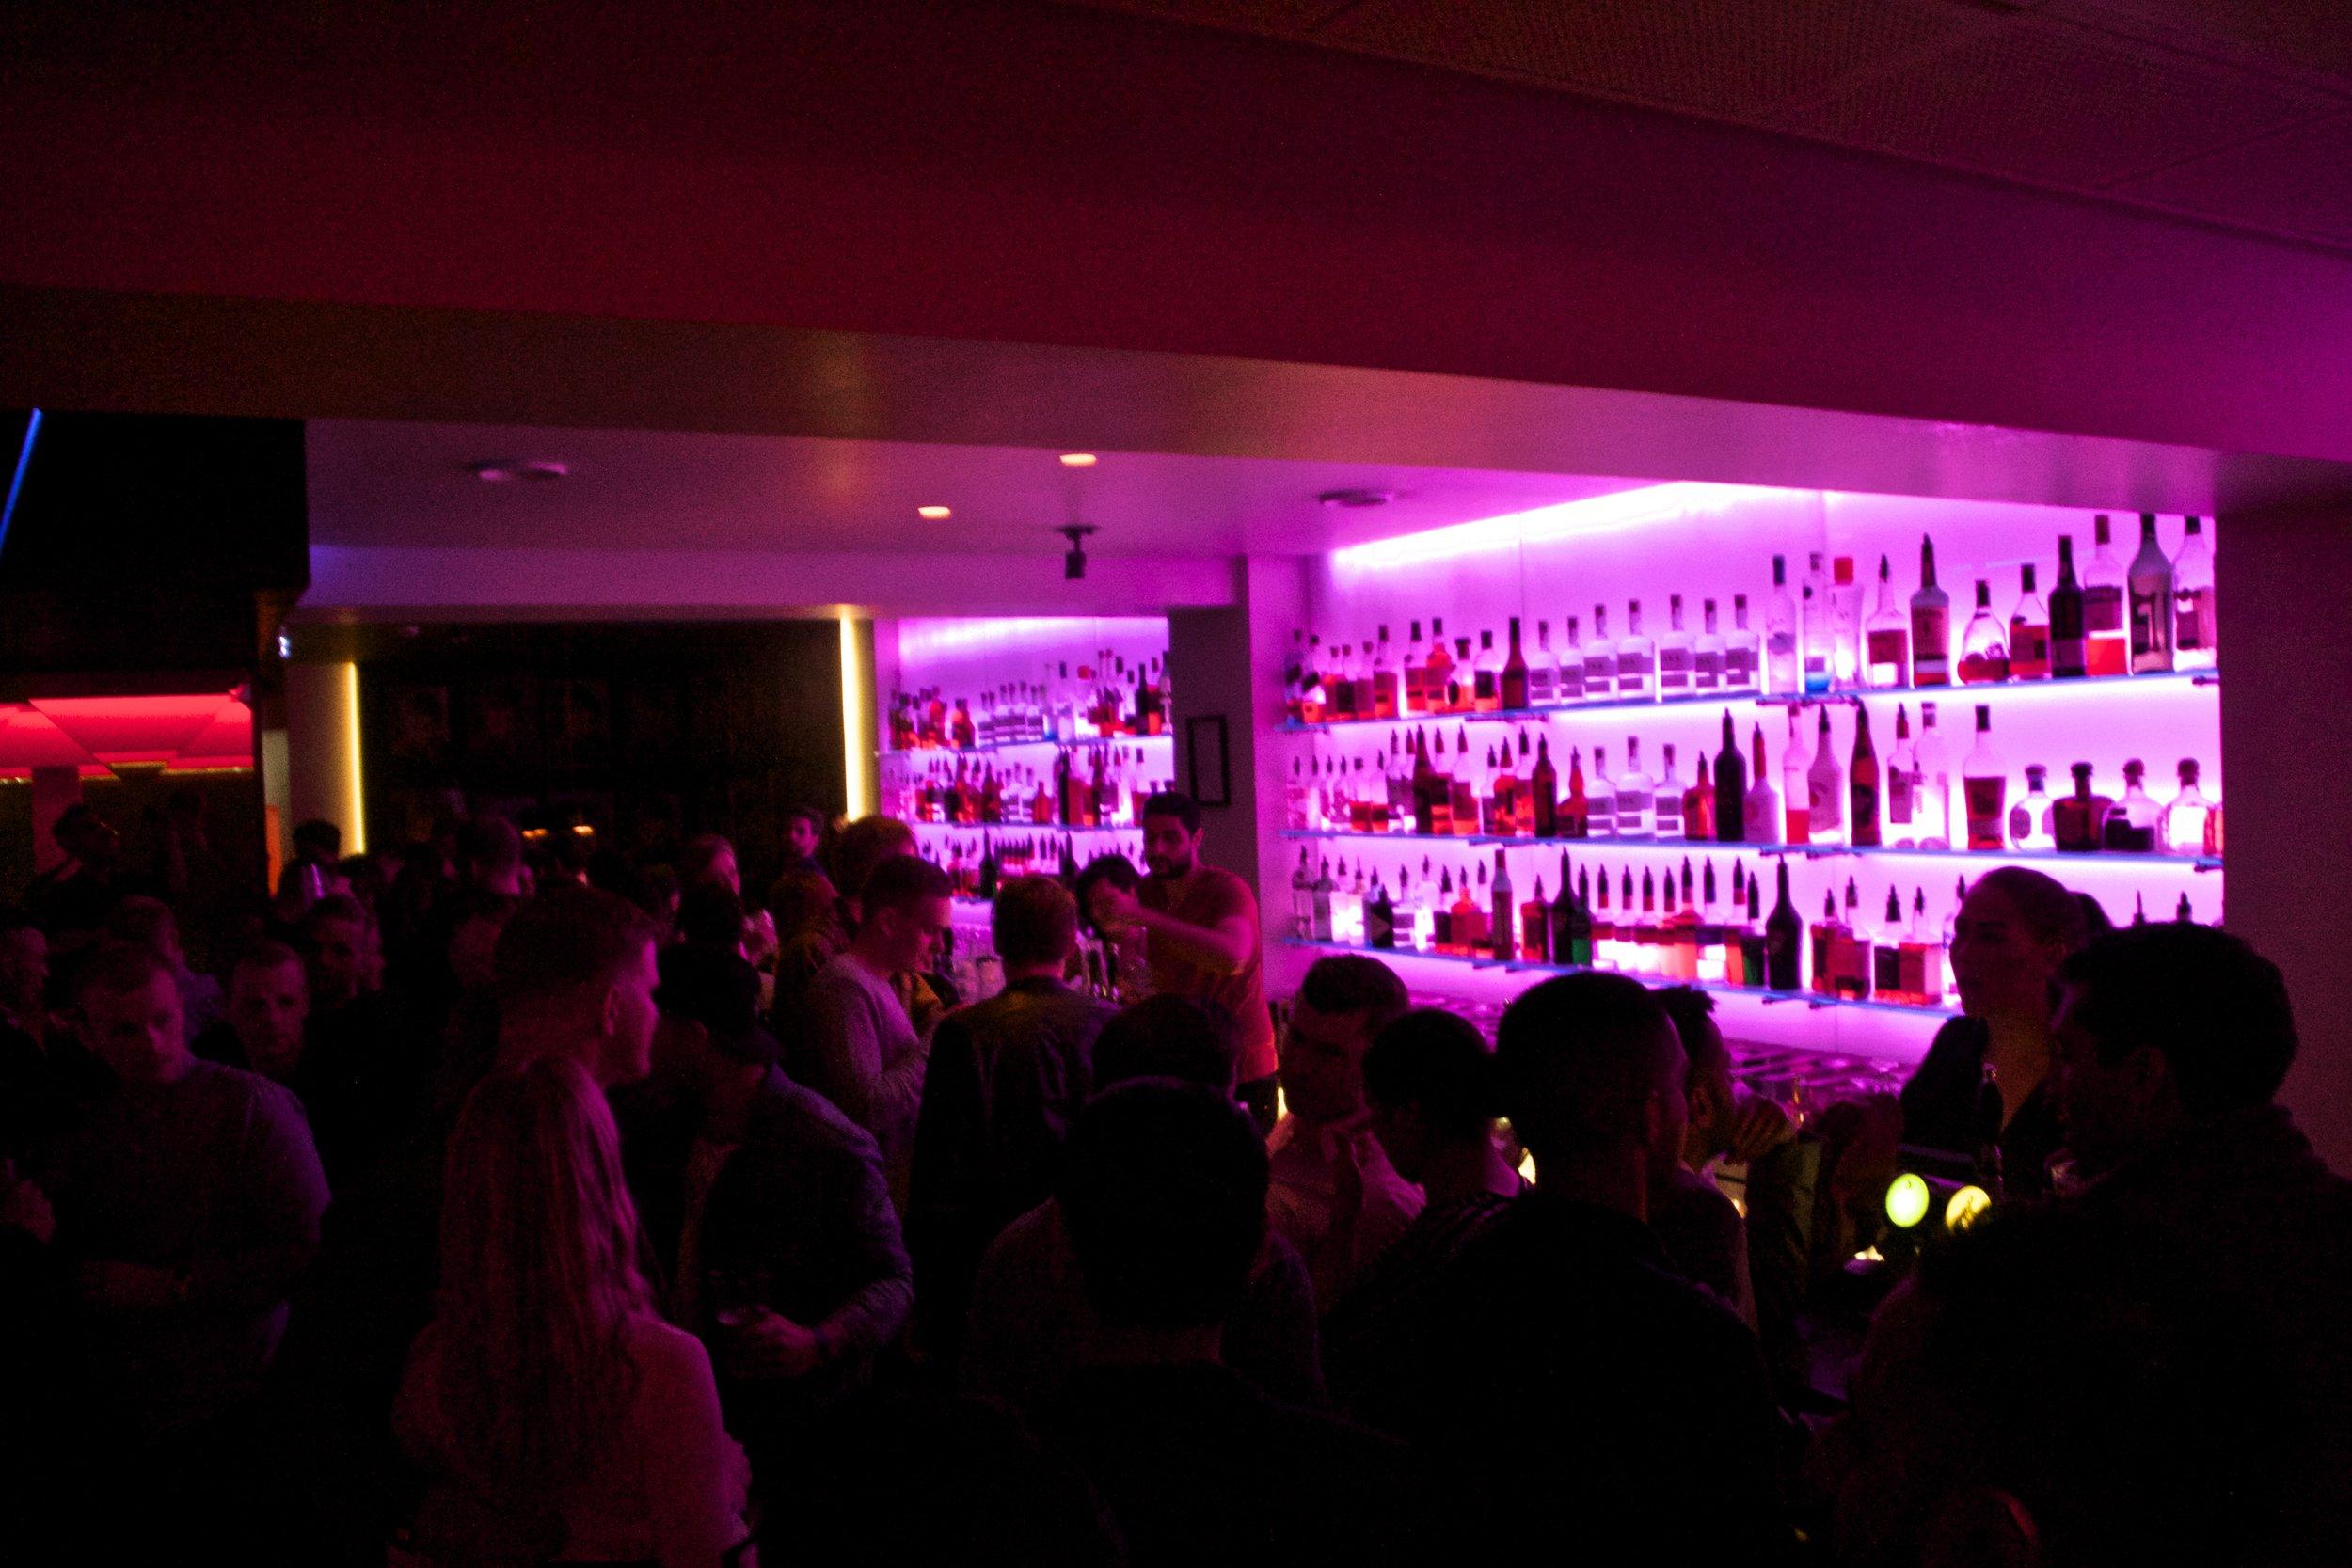 reykjavik nightlife auster 1.jpg